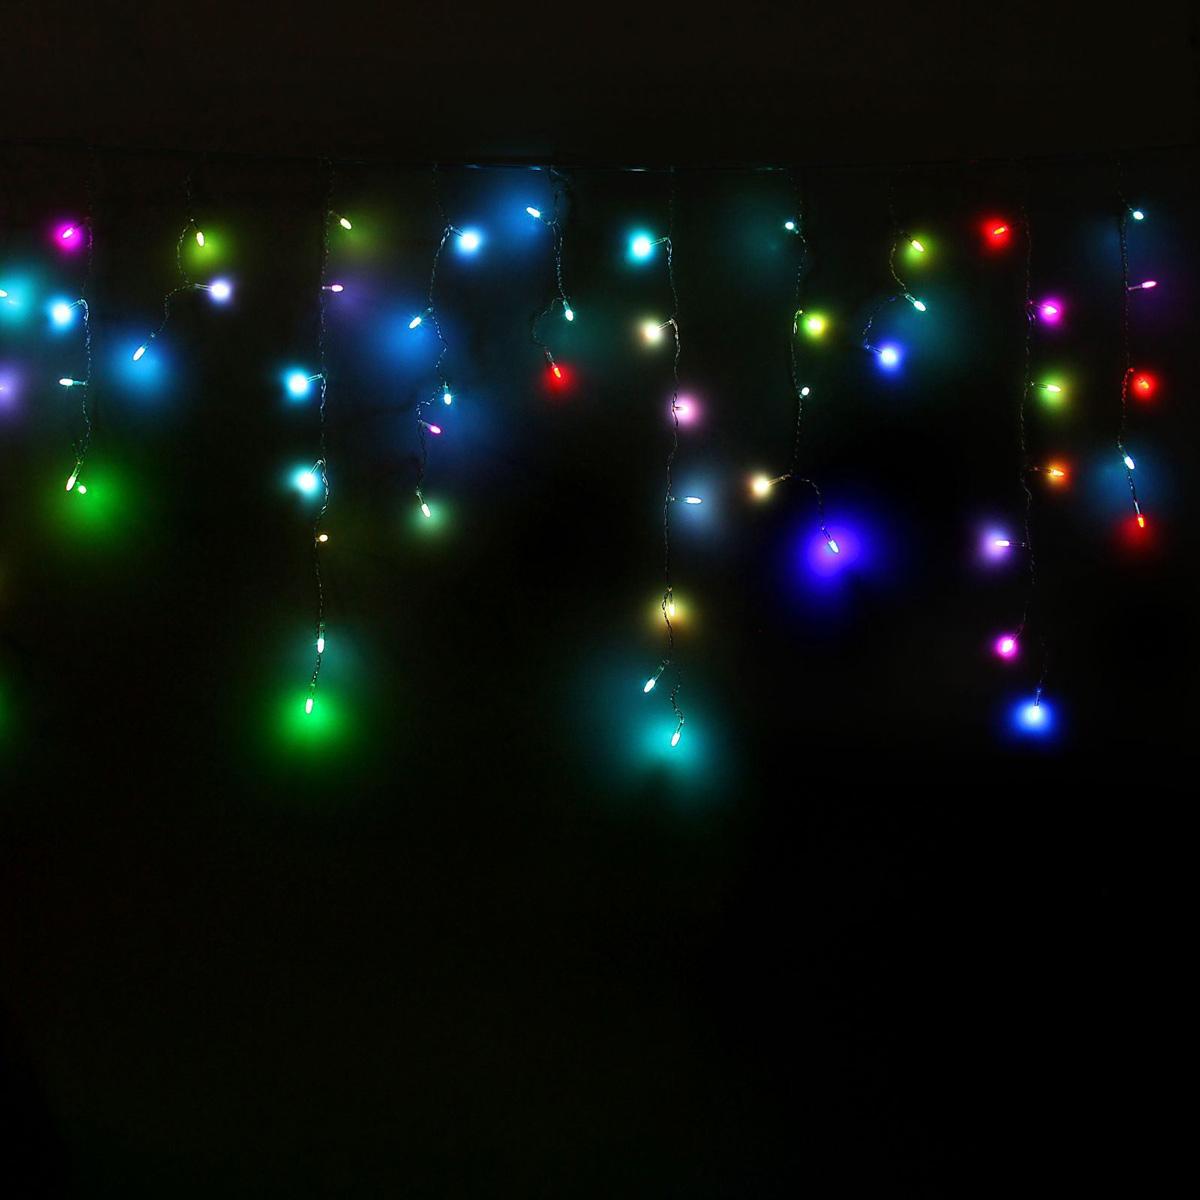 Гирлянда светодиодная Luazon Бахрома. Игла, моргает, 60 ламп, 220 V, цвет: мультиколор, 1,2 х 0,6 м. 1080538187250Светодиодные гирлянды, ленты и т.д — это отличный вариант для новогоднего оформления интерьера или фасада. С их помощью помещение любого размера можно превратить в праздничный зал, а внешние элементы зданий, украшенные ими, мгновенно станут напоминать очертания сказочного дворца. Такие украшения создают ауру предвкушения чуда. Деревья, фасады, витрины, окна и арки будто специально созданы, чтобы вы украсили их светящимися нитями.